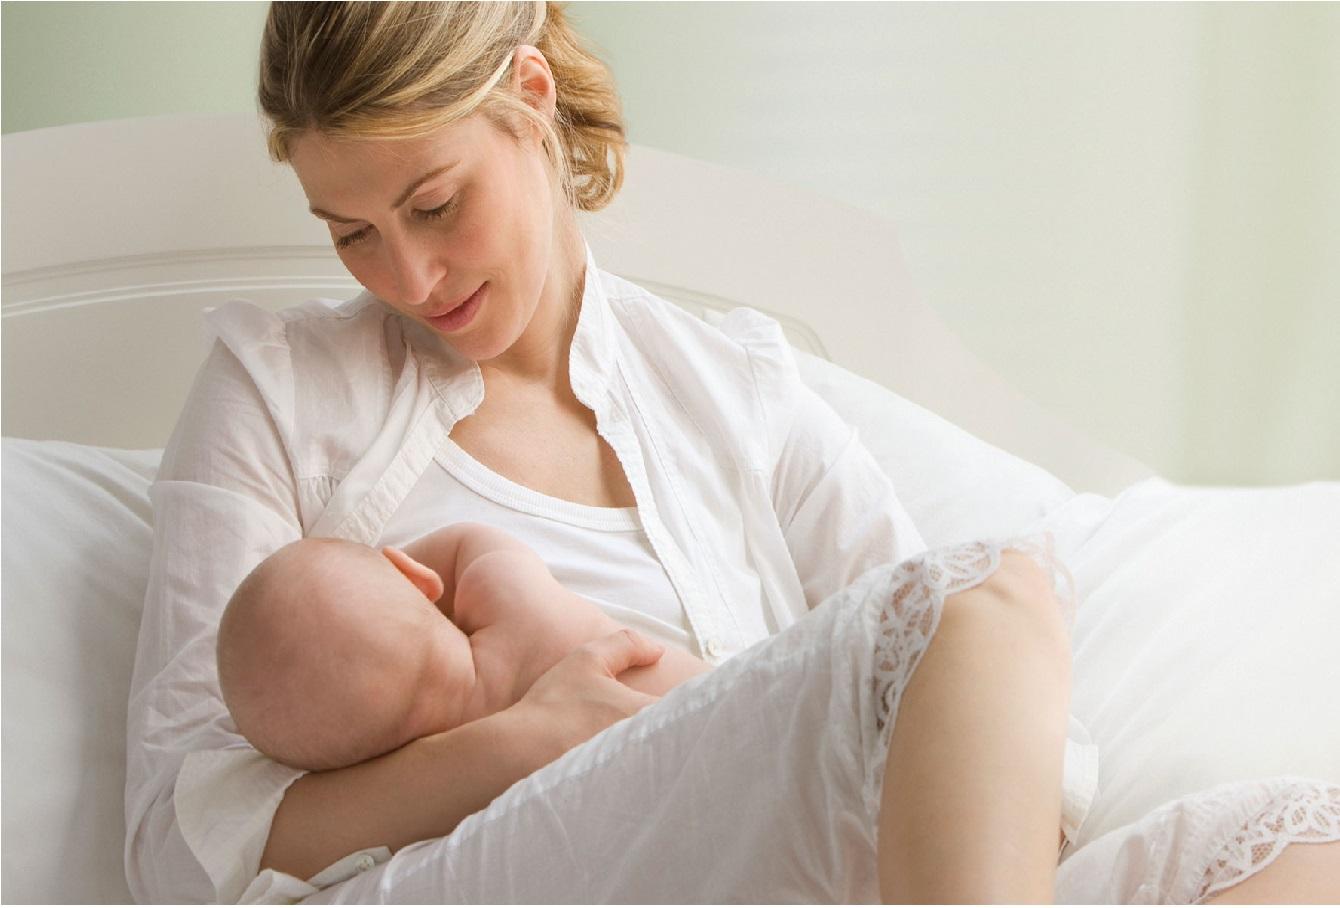 فالج اور دل کے دورے سے کافی محفوظ رہتی ہیں دودھ پلانے والی مائیں